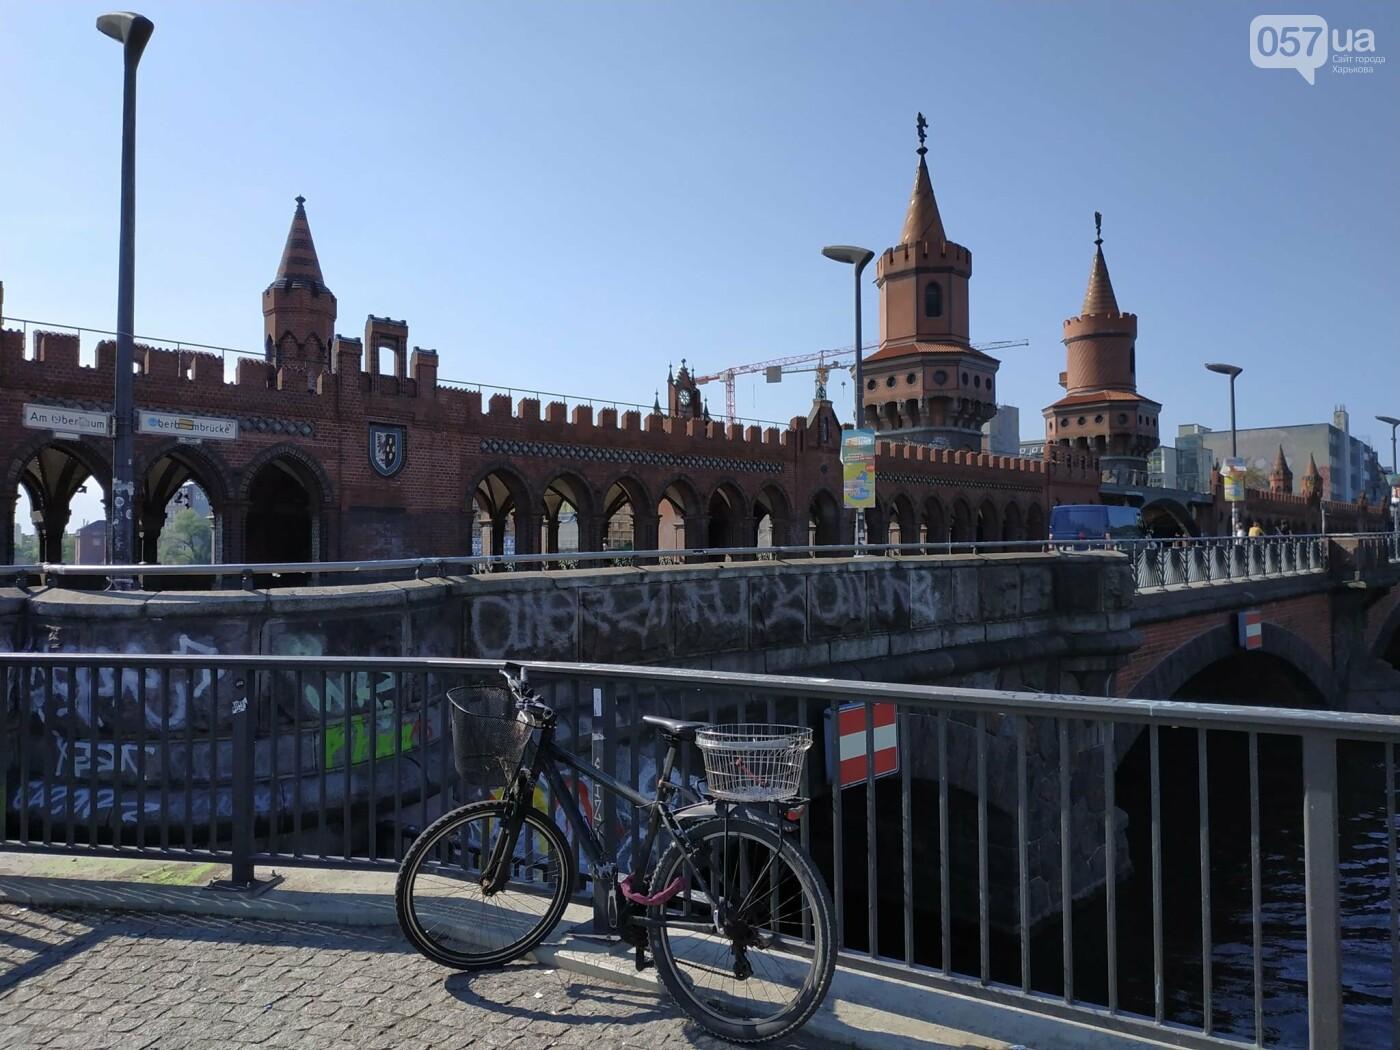 Из Харькова в Берлин: что посмотреть, где попробовать немецкую сосиску и в каком месте сделать крутое селфи, - ФОТО, фото-9